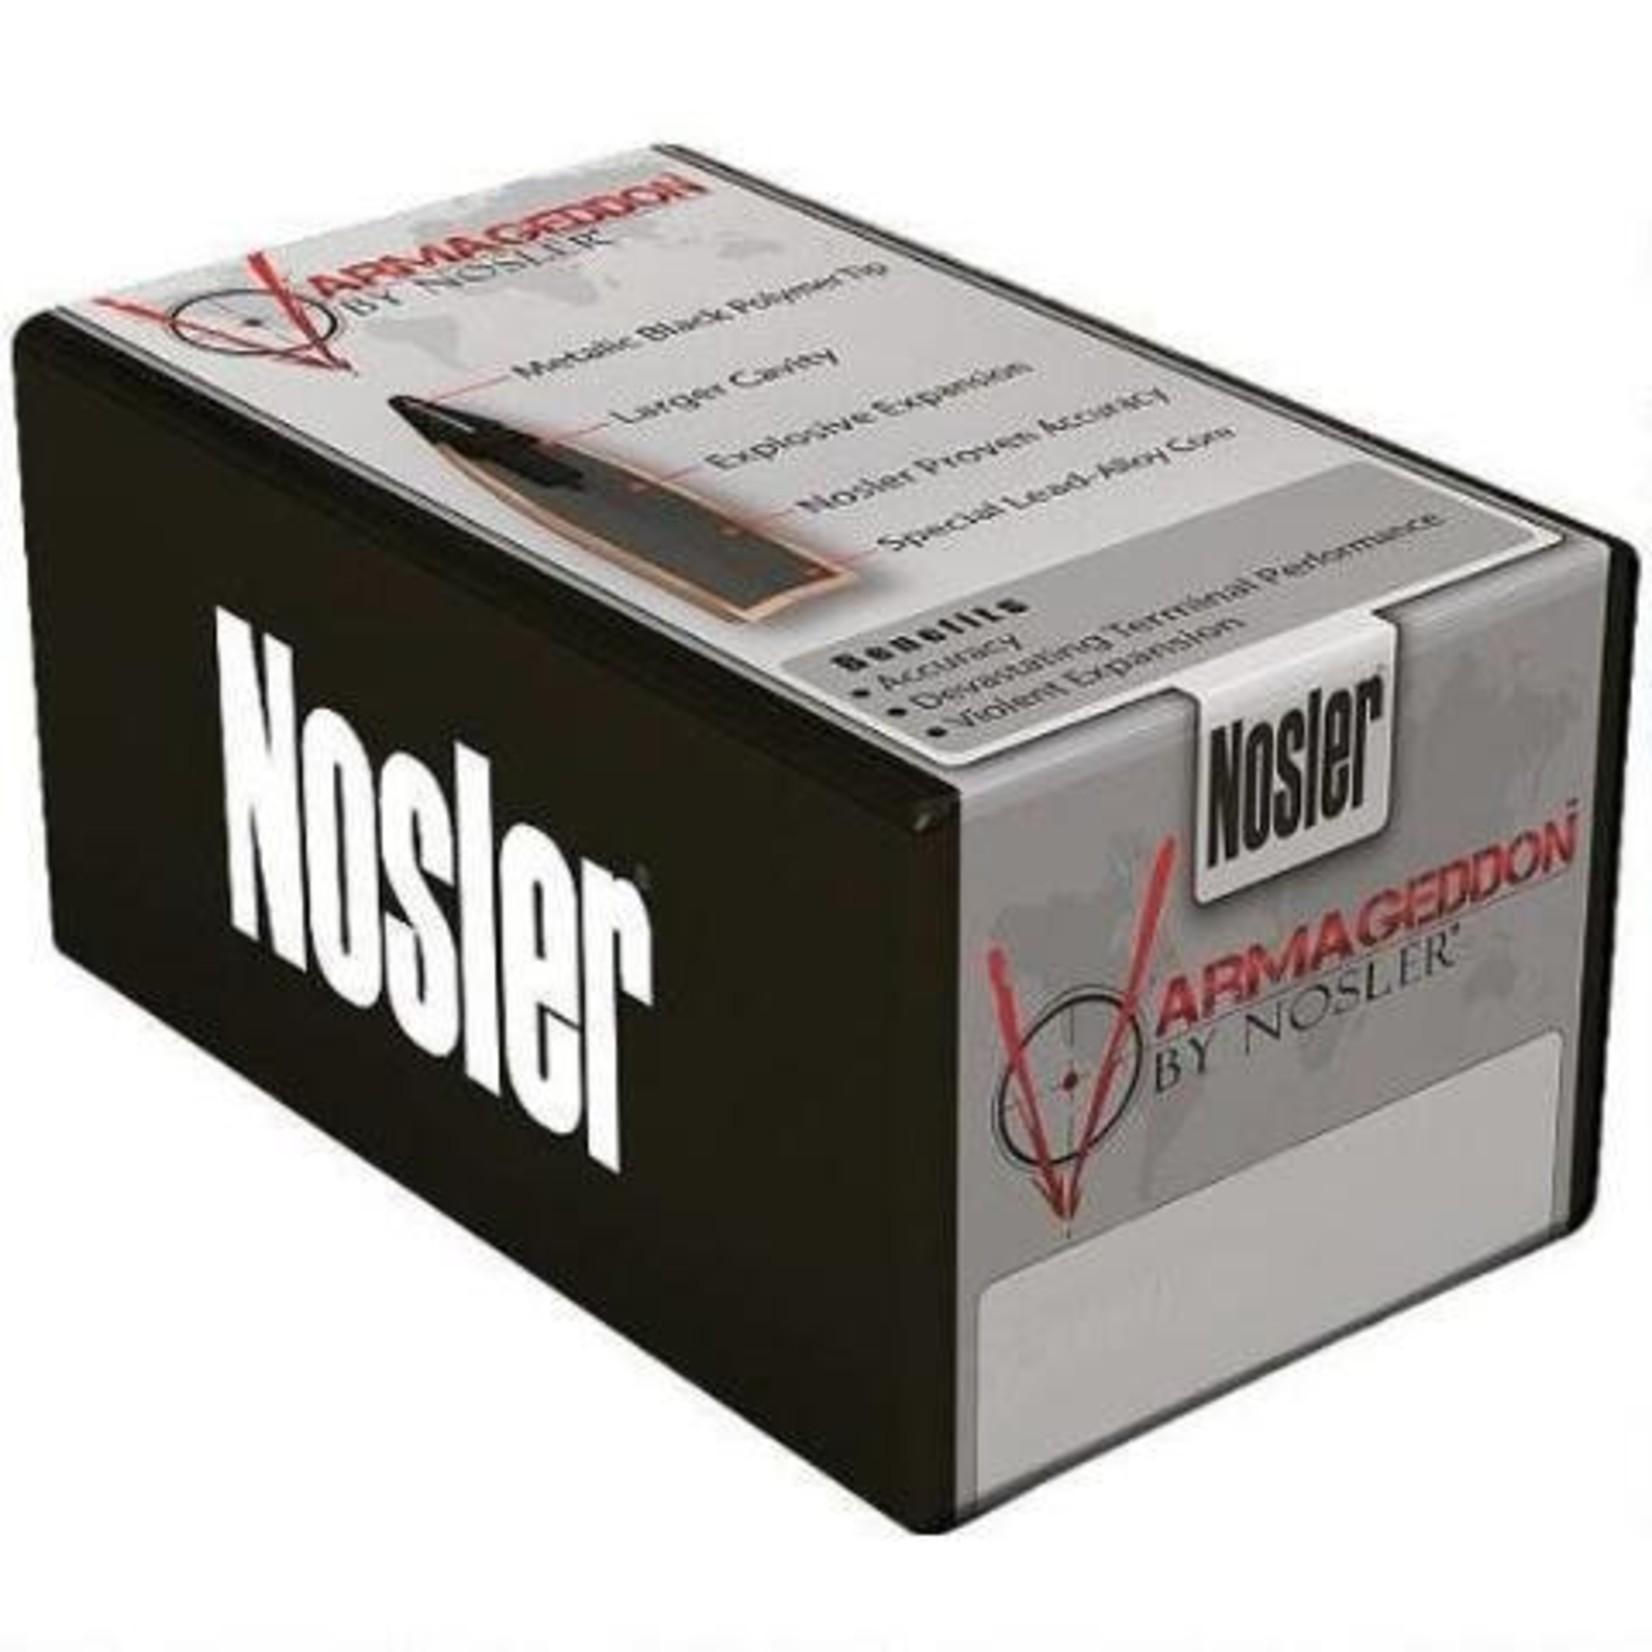 """Nosler Varmageddon (6mm) .243"""" Diameter 55 Grain Hollow Point Flat Base (100-Count)"""